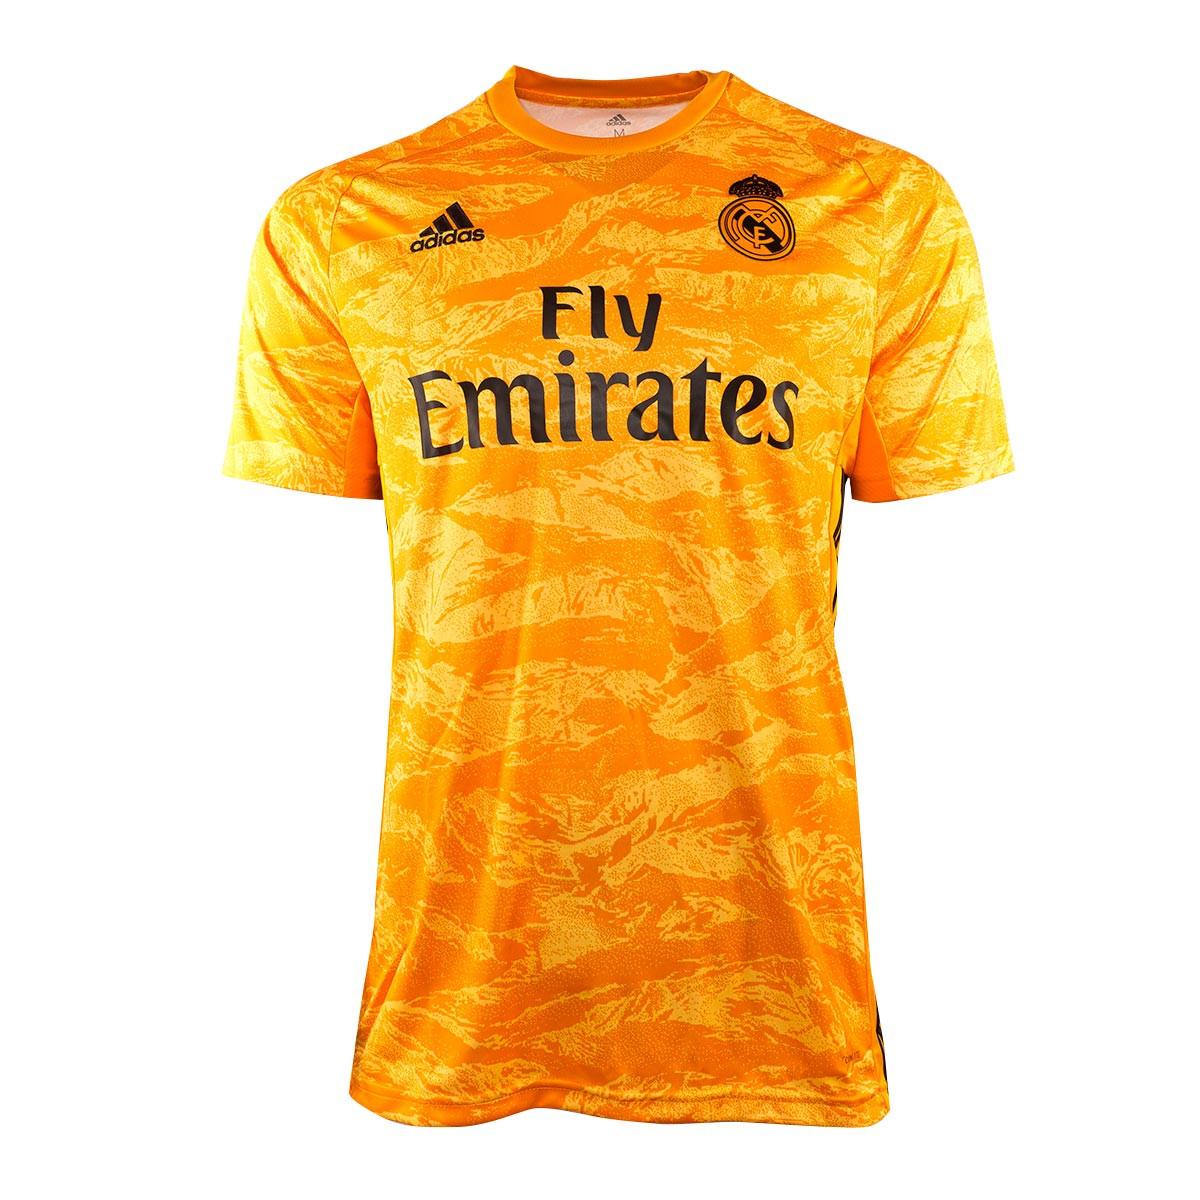 Camiseta Adidas Real Madrid Portero Primera Equipacion 2019 2020 Collegiate Gold Tienda De Futbol Futbol Emotion